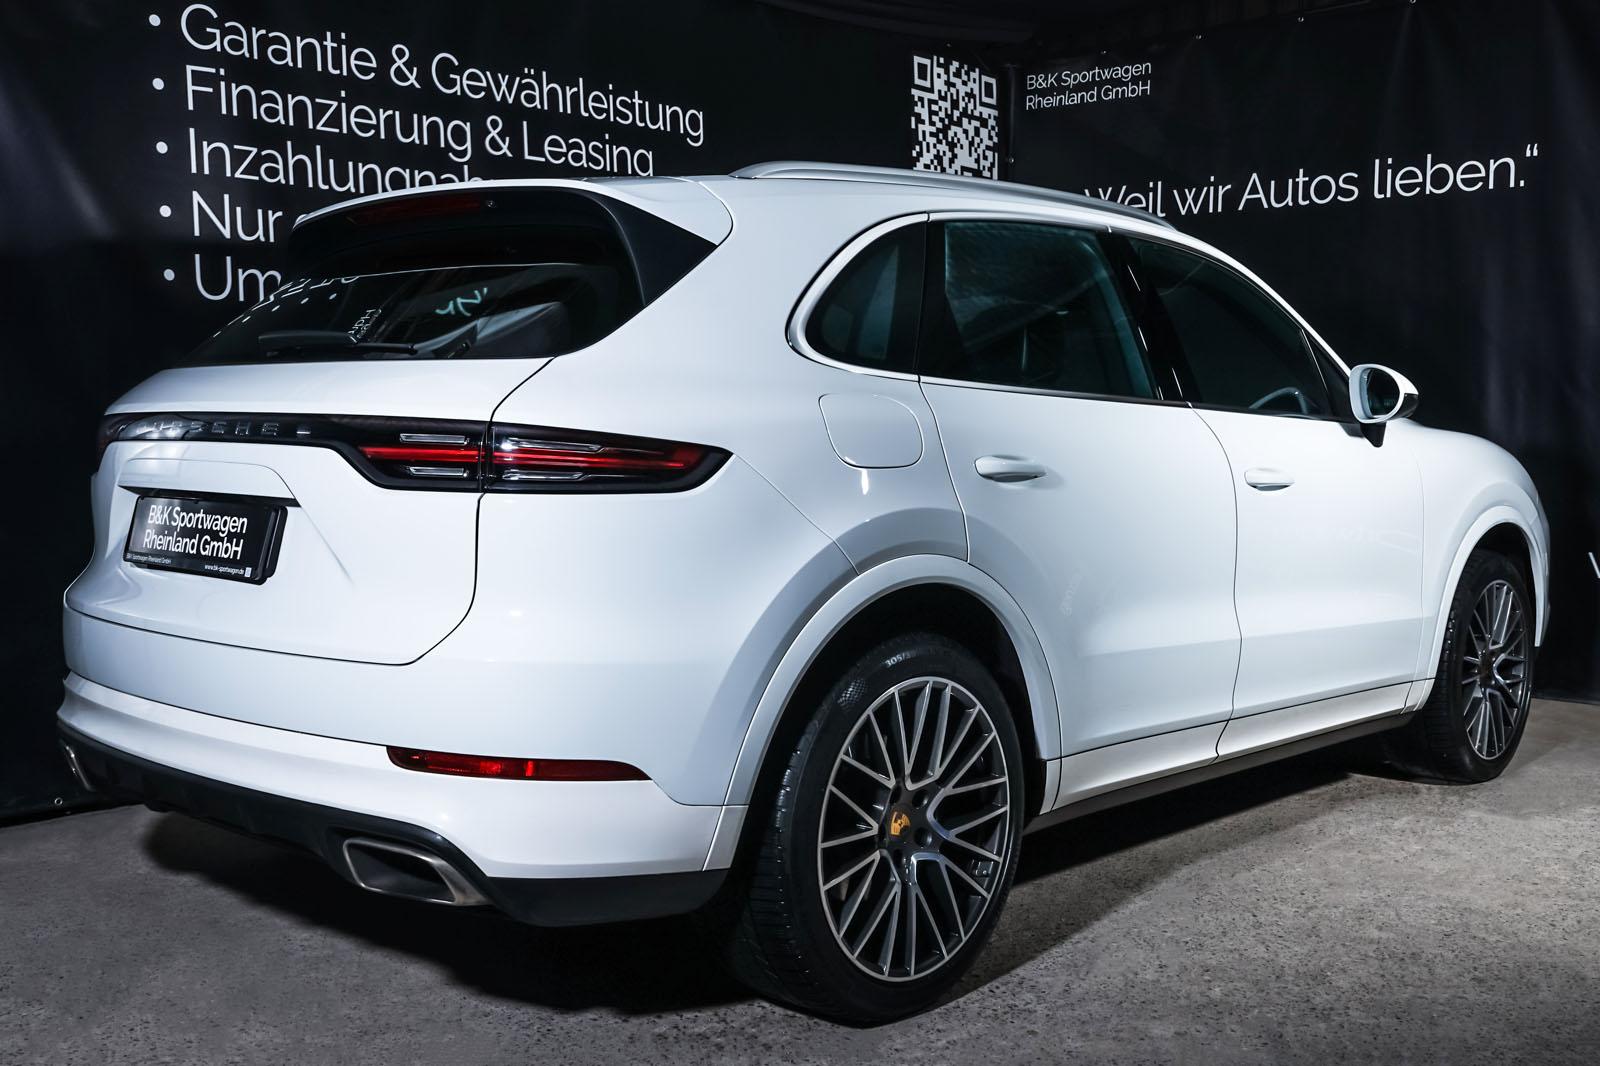 Porsche_Cayenne_Weiß_Schwarz_POR-0208_14_w